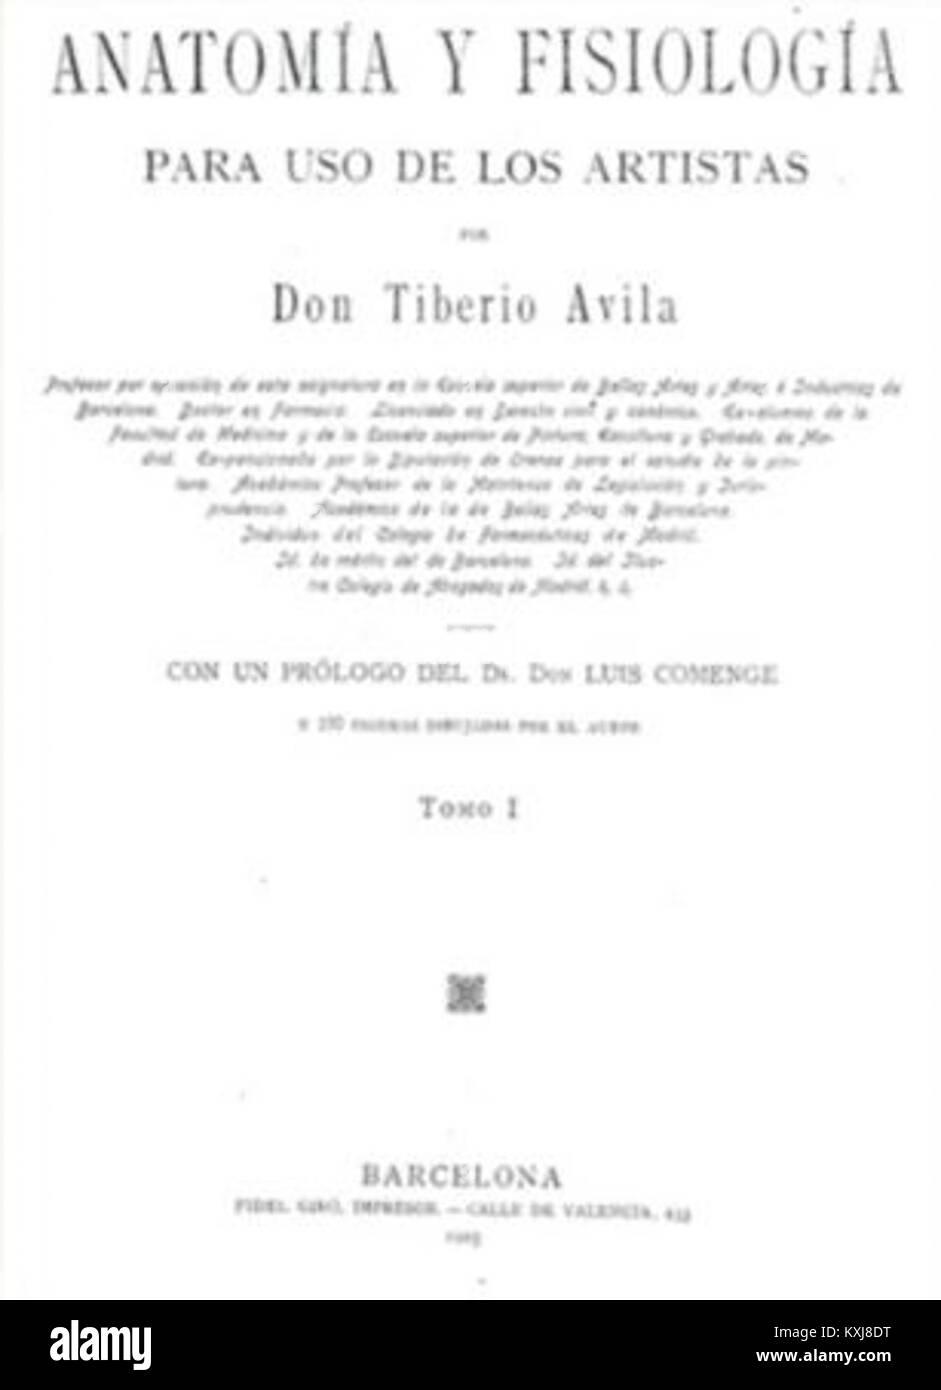 Magnífico Anatomía Fisiología Apr Y Galería - Imágenes de Anatomía ...